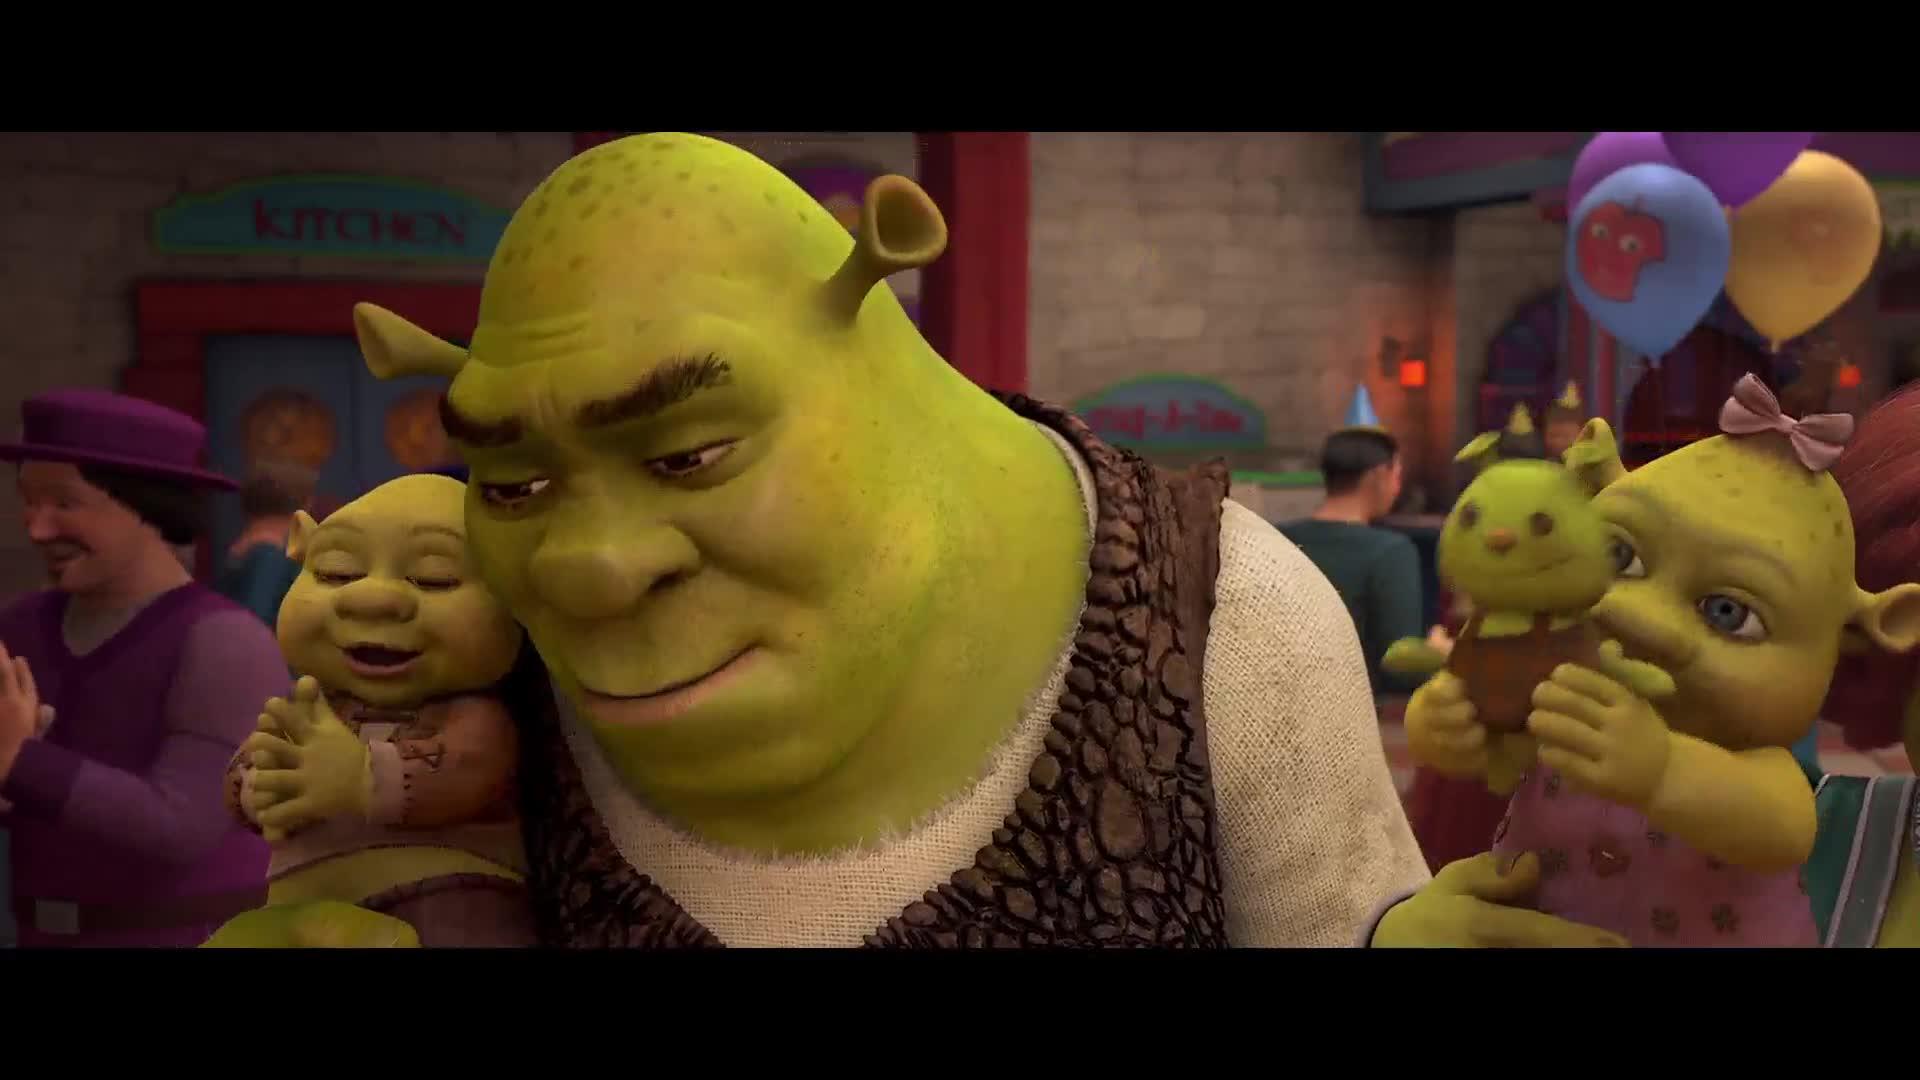 Shrek 4 เชร็ค 4 สุขสันต์ นิรันดร (2010)